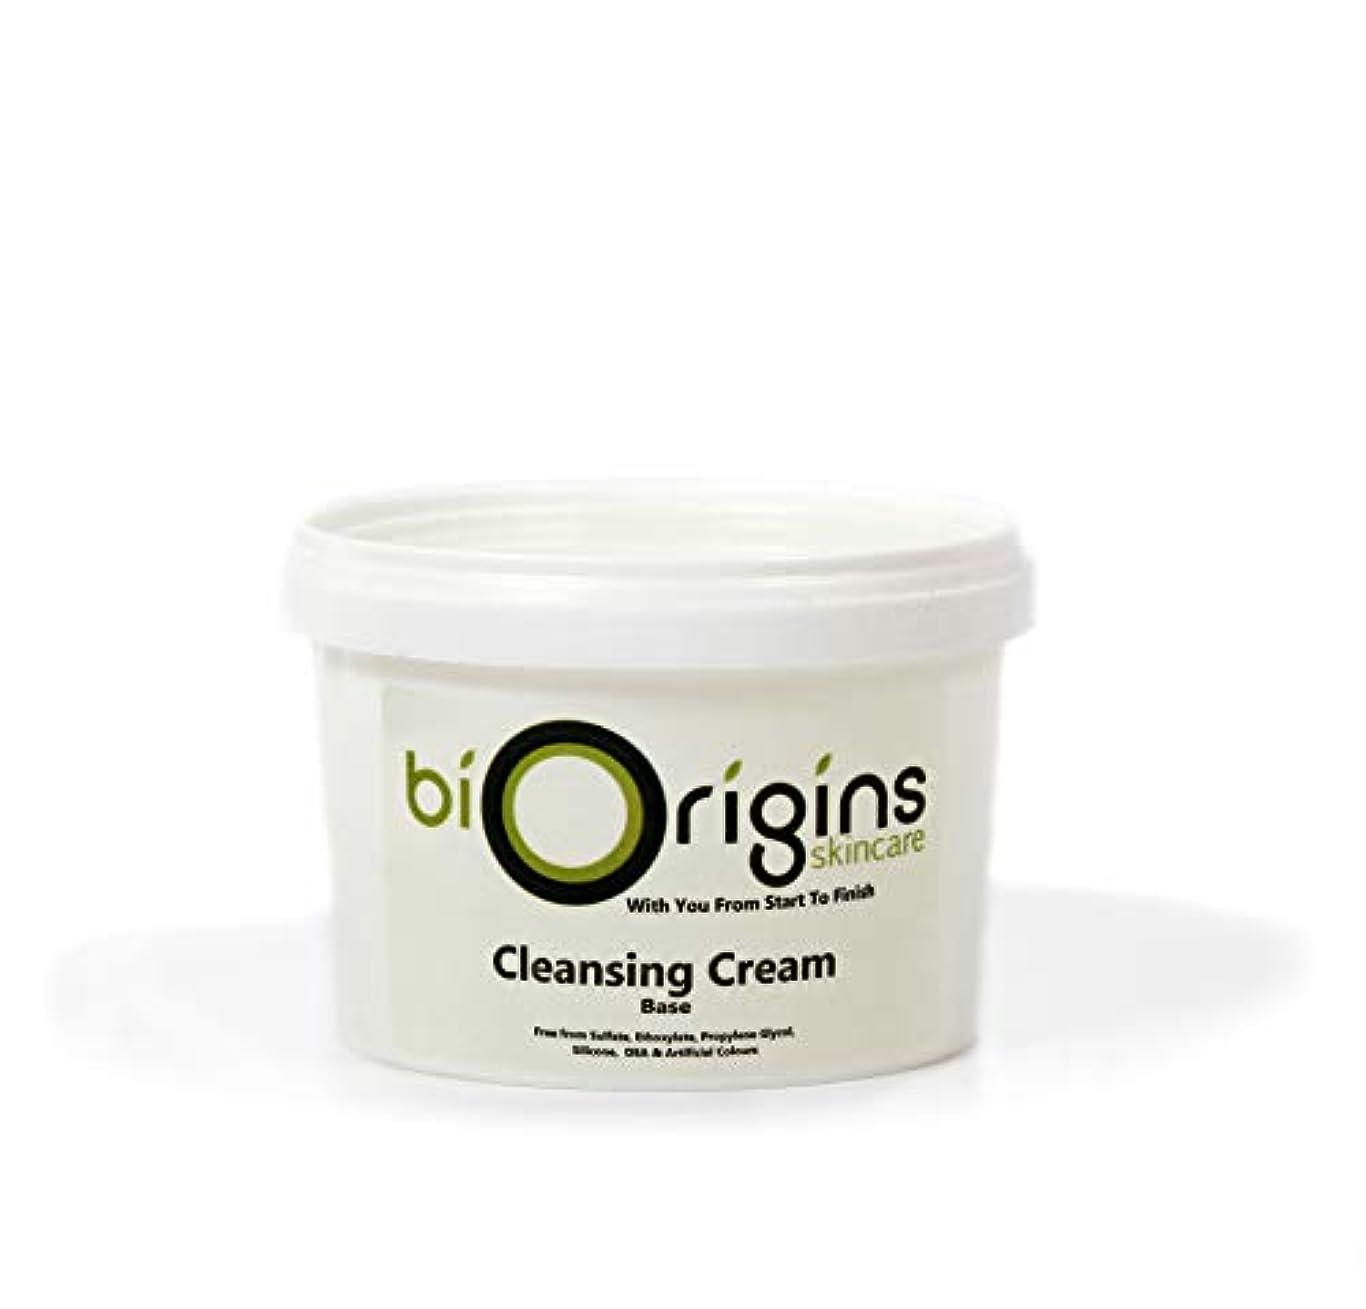 郡ジョブ枯れるClarifying Cleansing Cream - Botanical Skincare Base - 500g